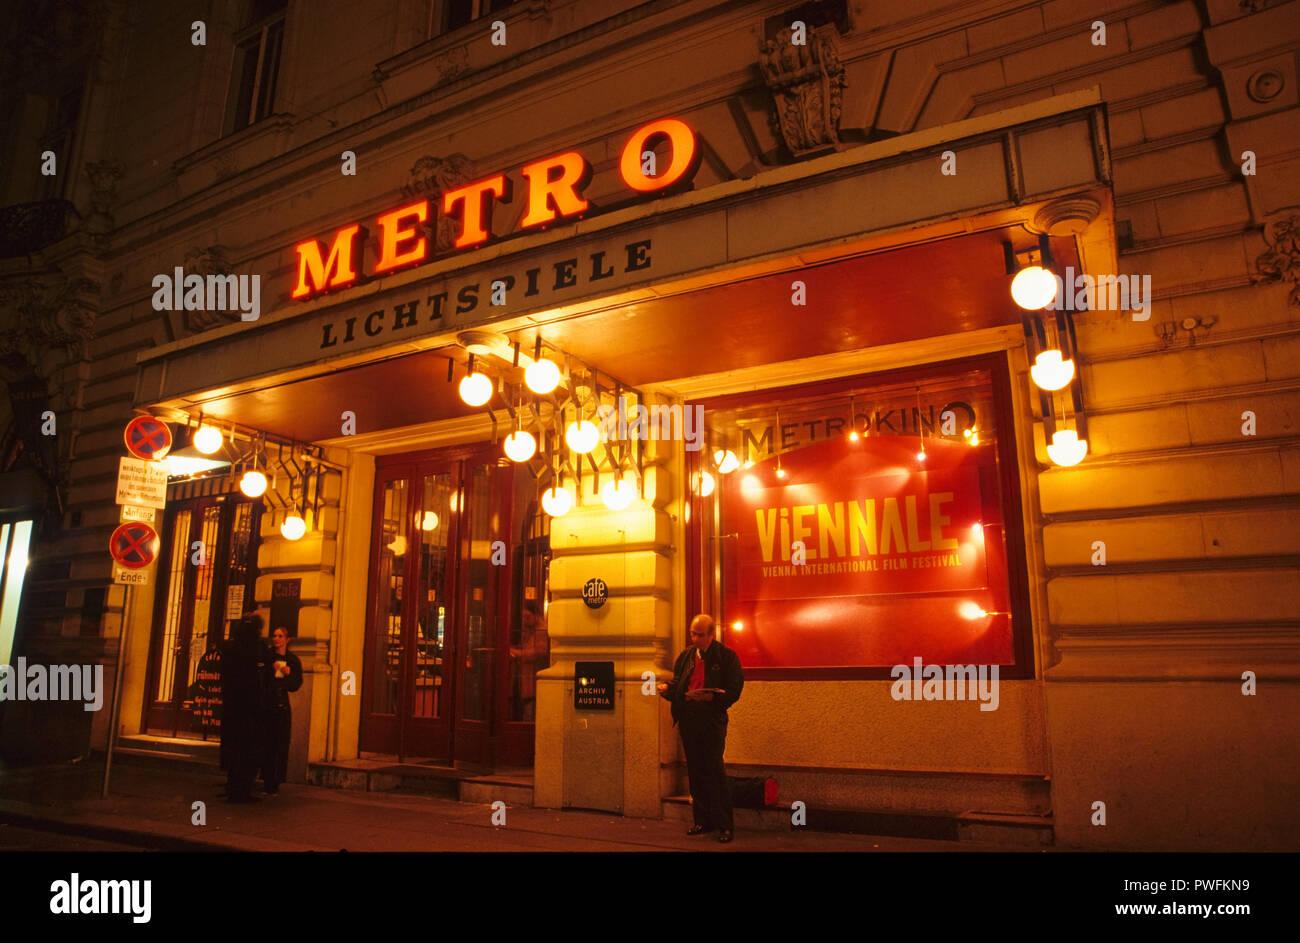 Wien, la Viennale, Metro-Kino - Viena, la Viennale, Cine Metro Imagen De Stock